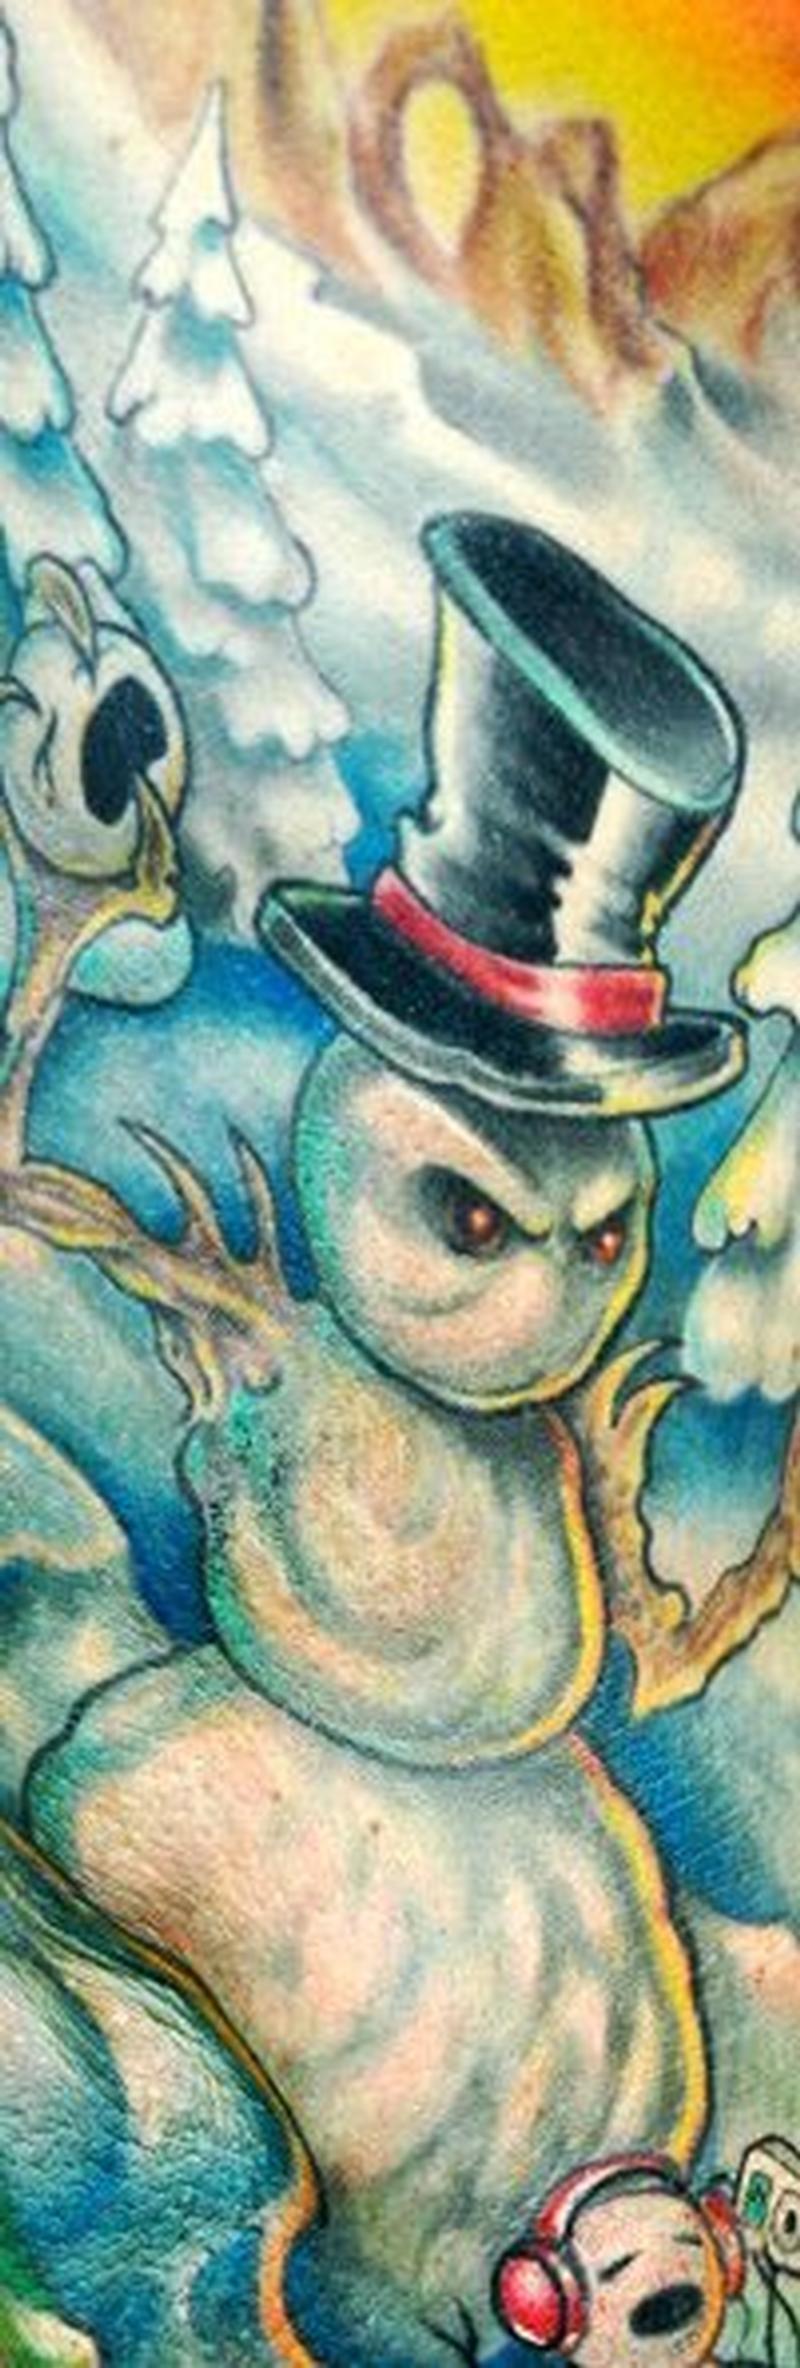 Snowman tattooEvil Snowman Tattoo